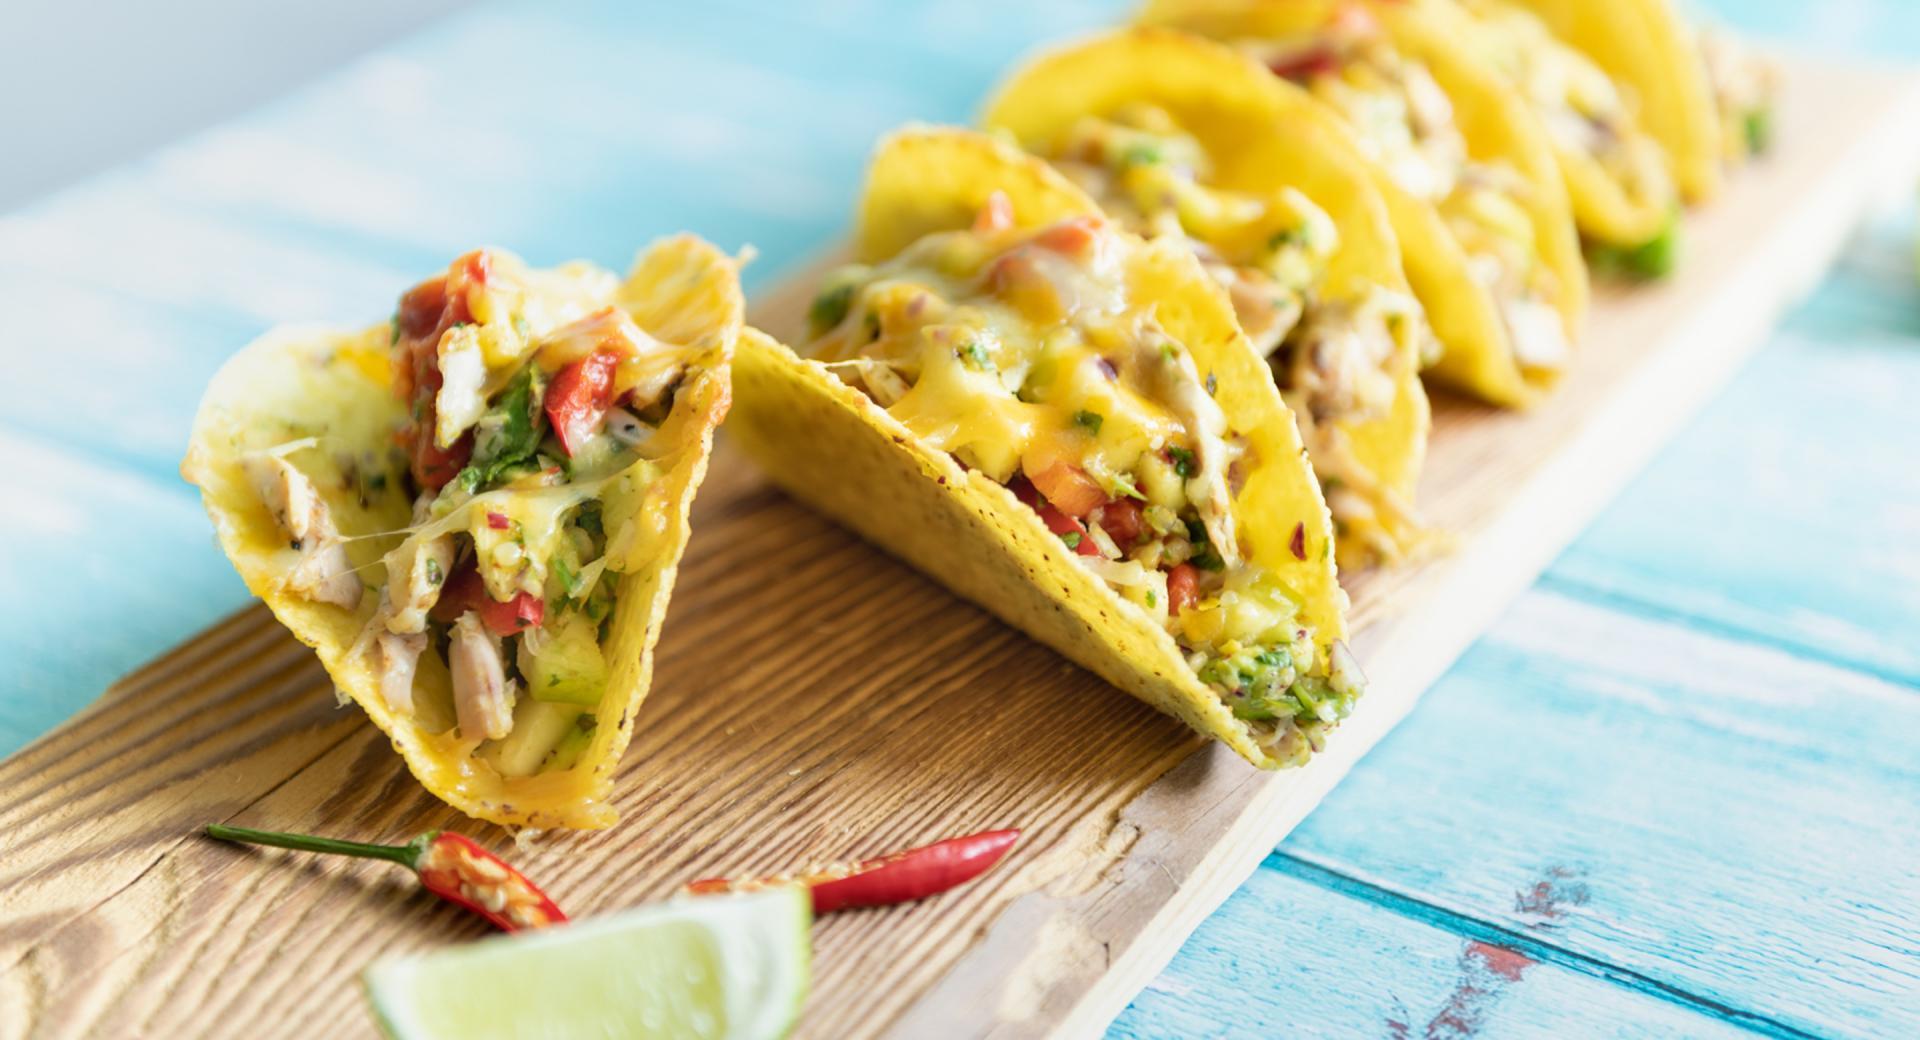 Tacos gratinados